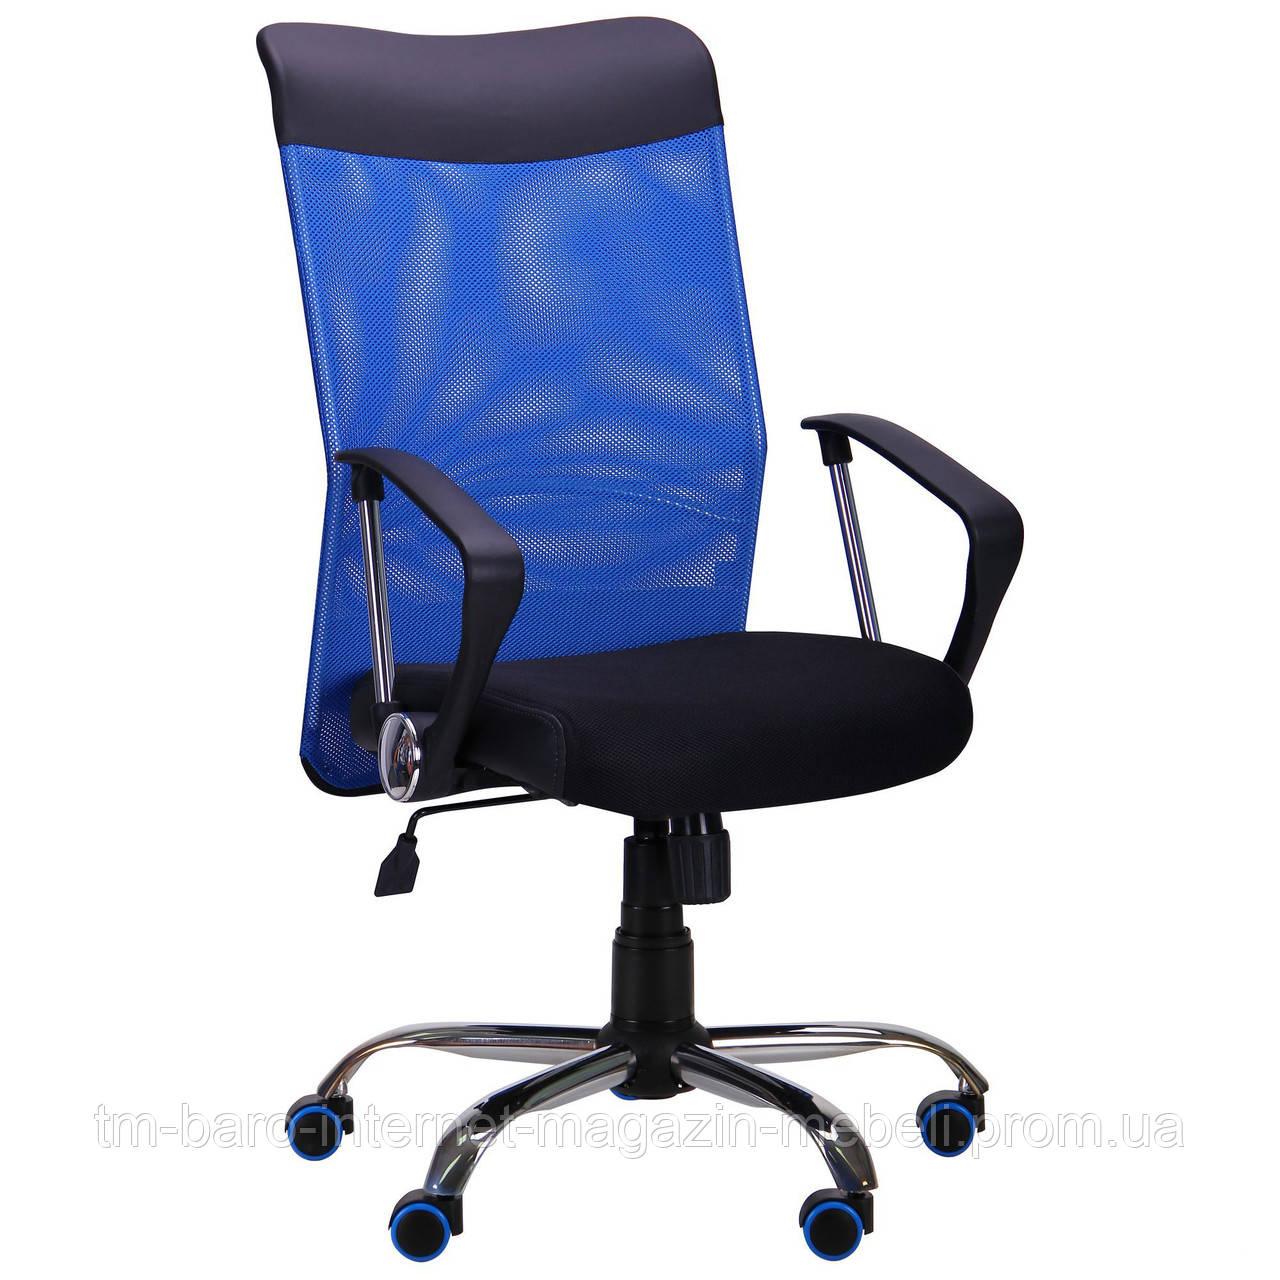 Кресло АЭРО HB Line Color сиденье Сетка чёрная,Неаполь N-20/спинка Сетка синяя, вставка Неаполь N-20